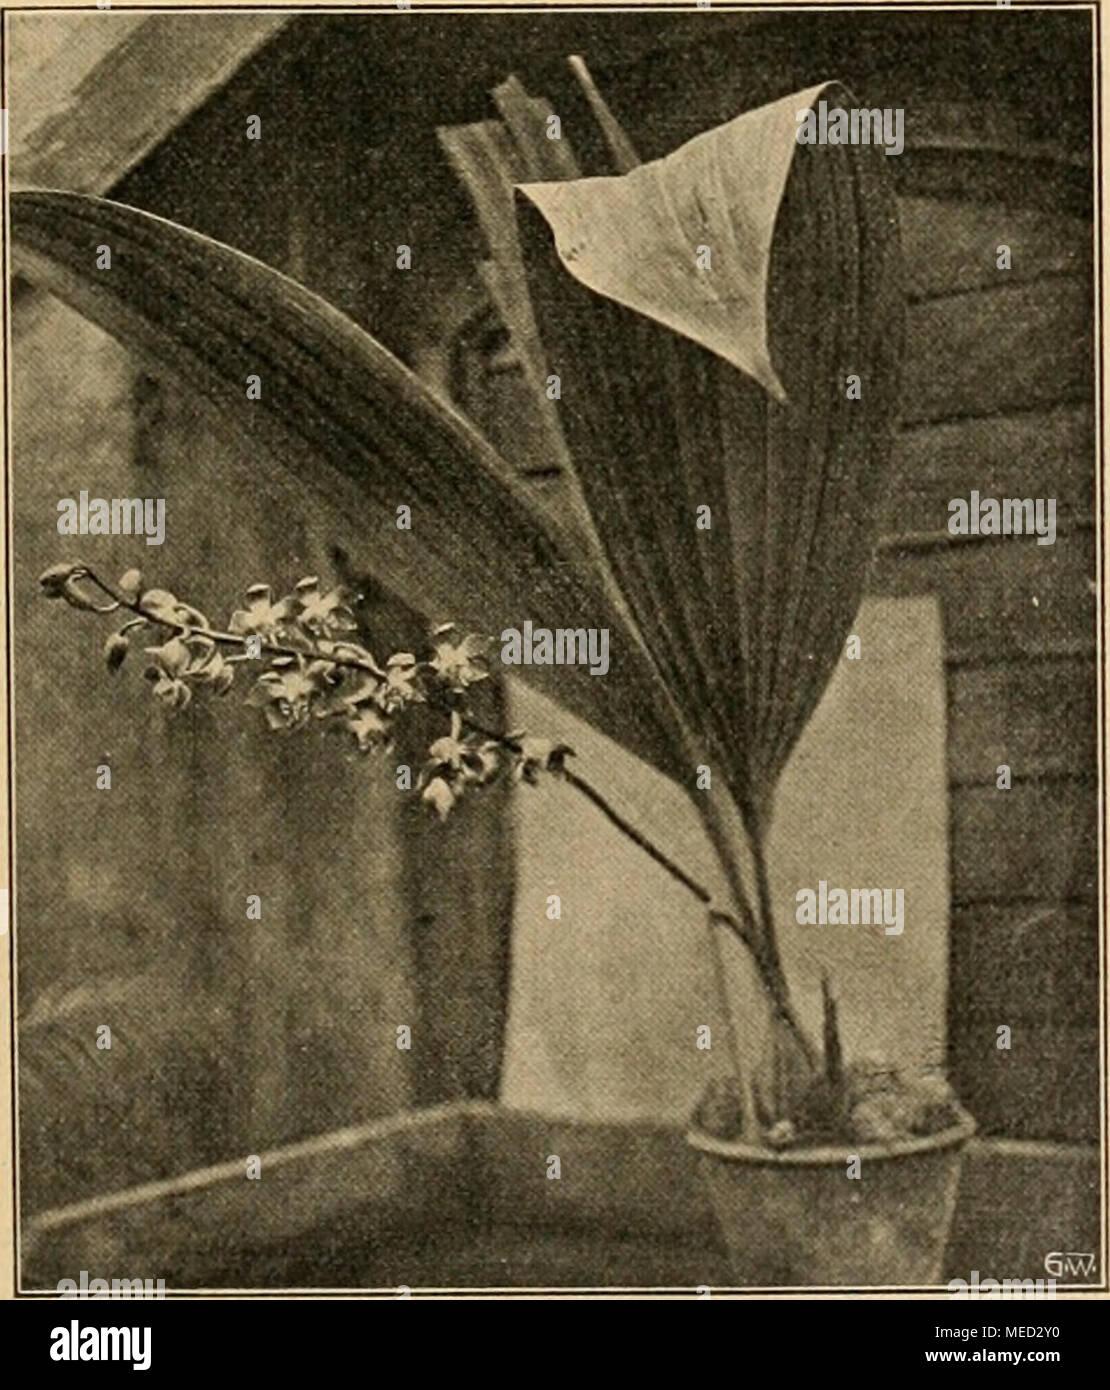 """. Die Gartenwelt . Moorea irrorata. Im Kgl. Berggarten zu Herrenhausen für die """"Gartenwelt"""" photo- graphisch aufgenommen. Keimung. Die Pilzsporen, welche die Ansteckung vermitteln, überwintern von einer Saison zur andern im Boden, so daß man also auch von einem durch Brandsporen verseuchten Boden sprechen kann. Durch Versuche hat die genannte Station festgestellt, daß Zwiebelpflänzchen, die zunächst unter Glas gezogen sind und später in das Freiland ausgepflanzt werden, von der Krankheit verschont bleiben. Sie hat ferner ermittelt, daß durch Bespritzen mit einer Flüssigkeit, die aus einem Stock Photo"""